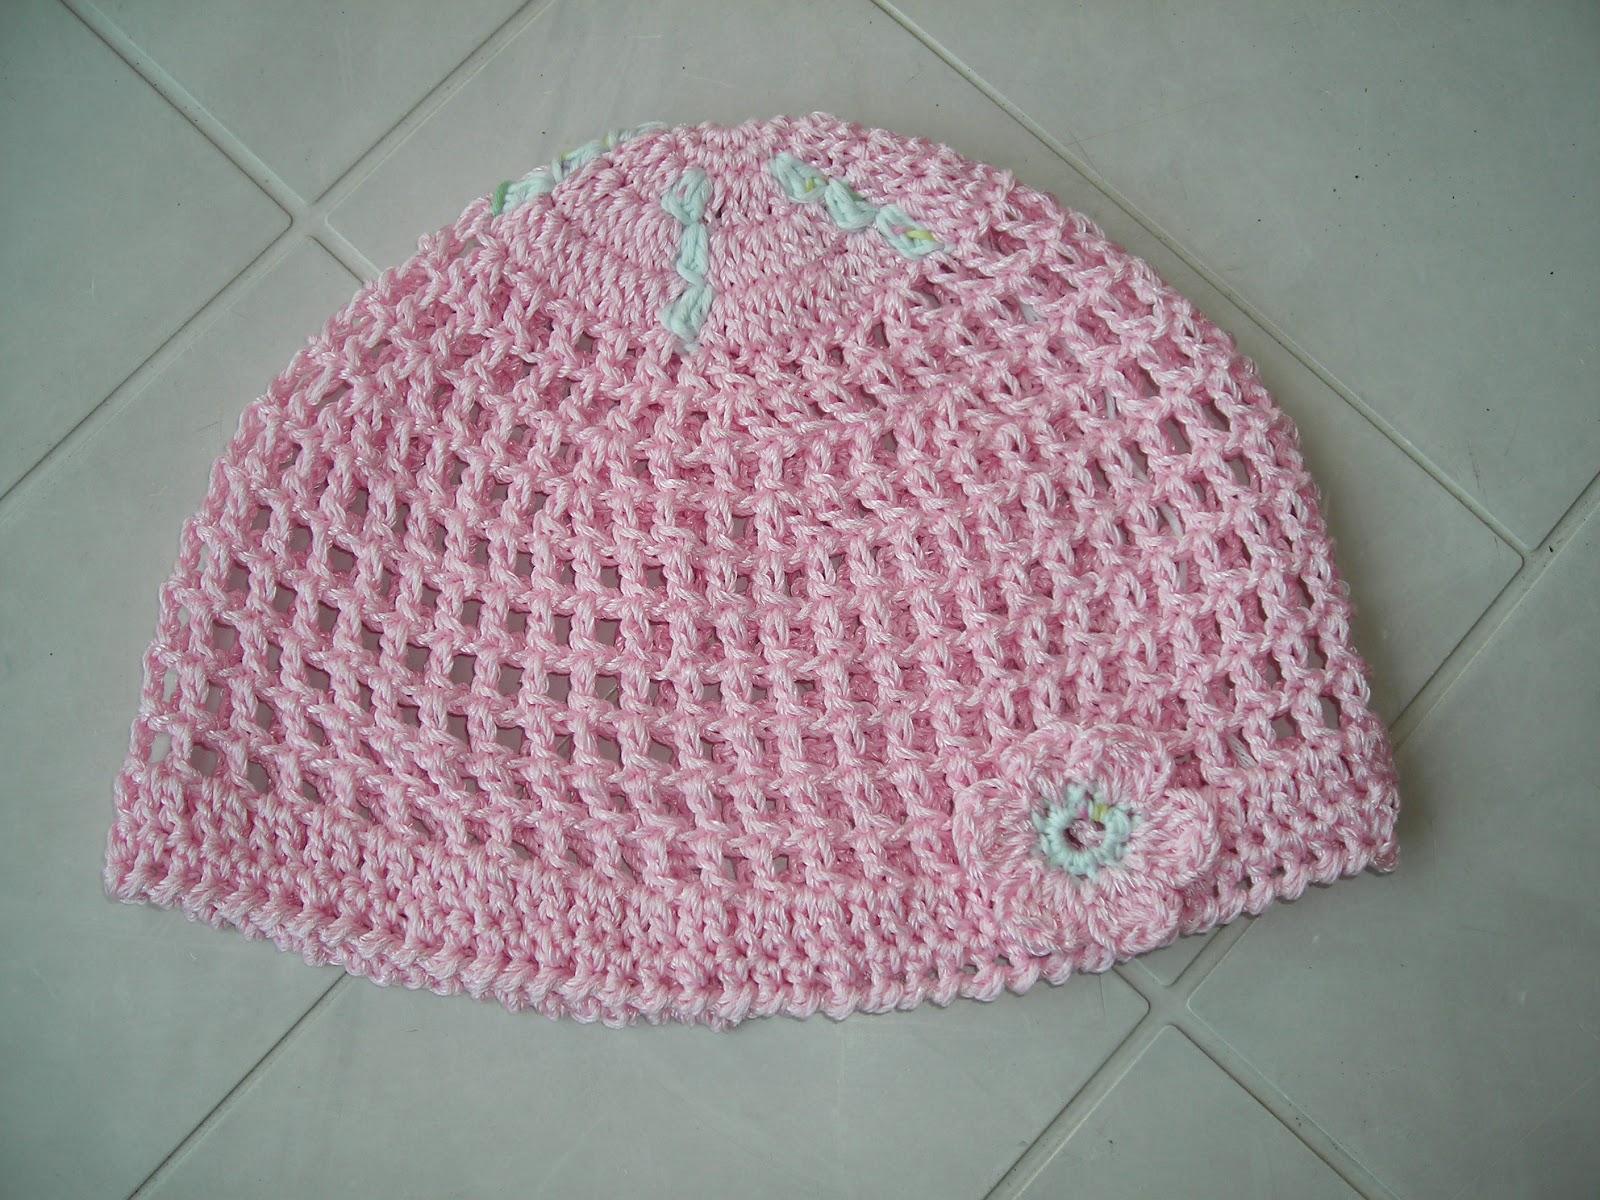 Popolare nuvoledilana & fioridicotone: Cappellino estivo per bimba HU99